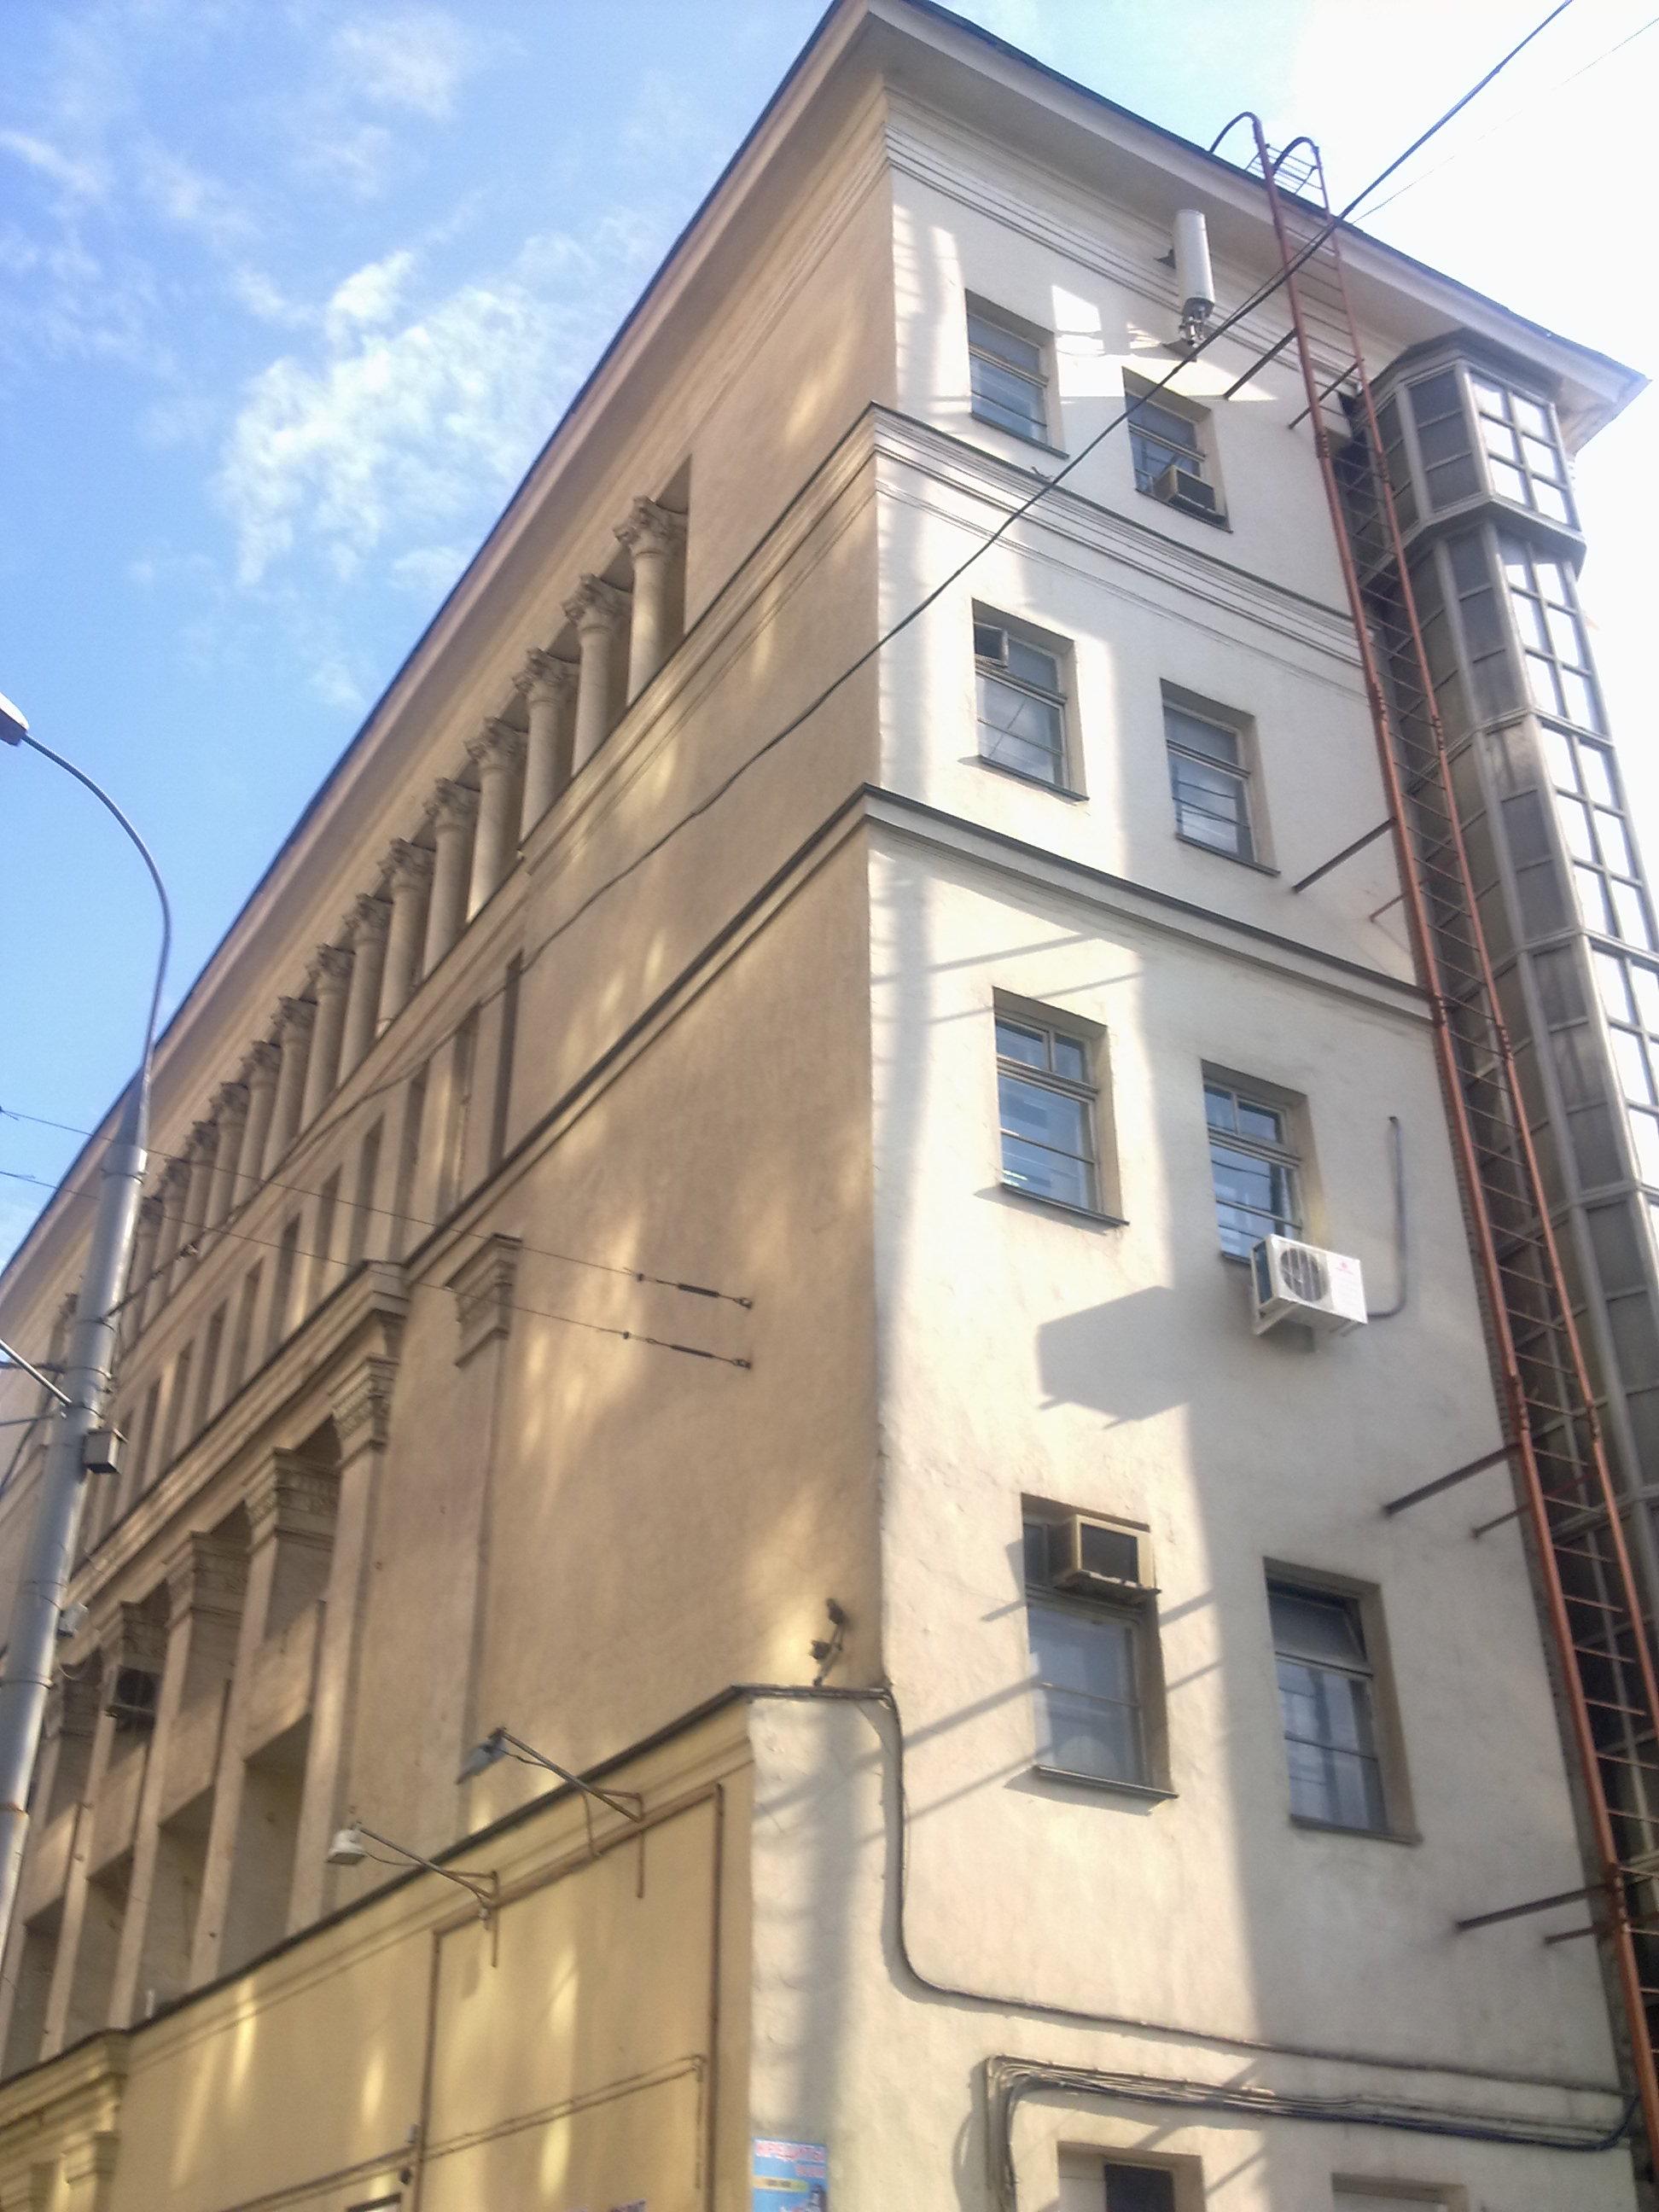 Фасад здания киностудии